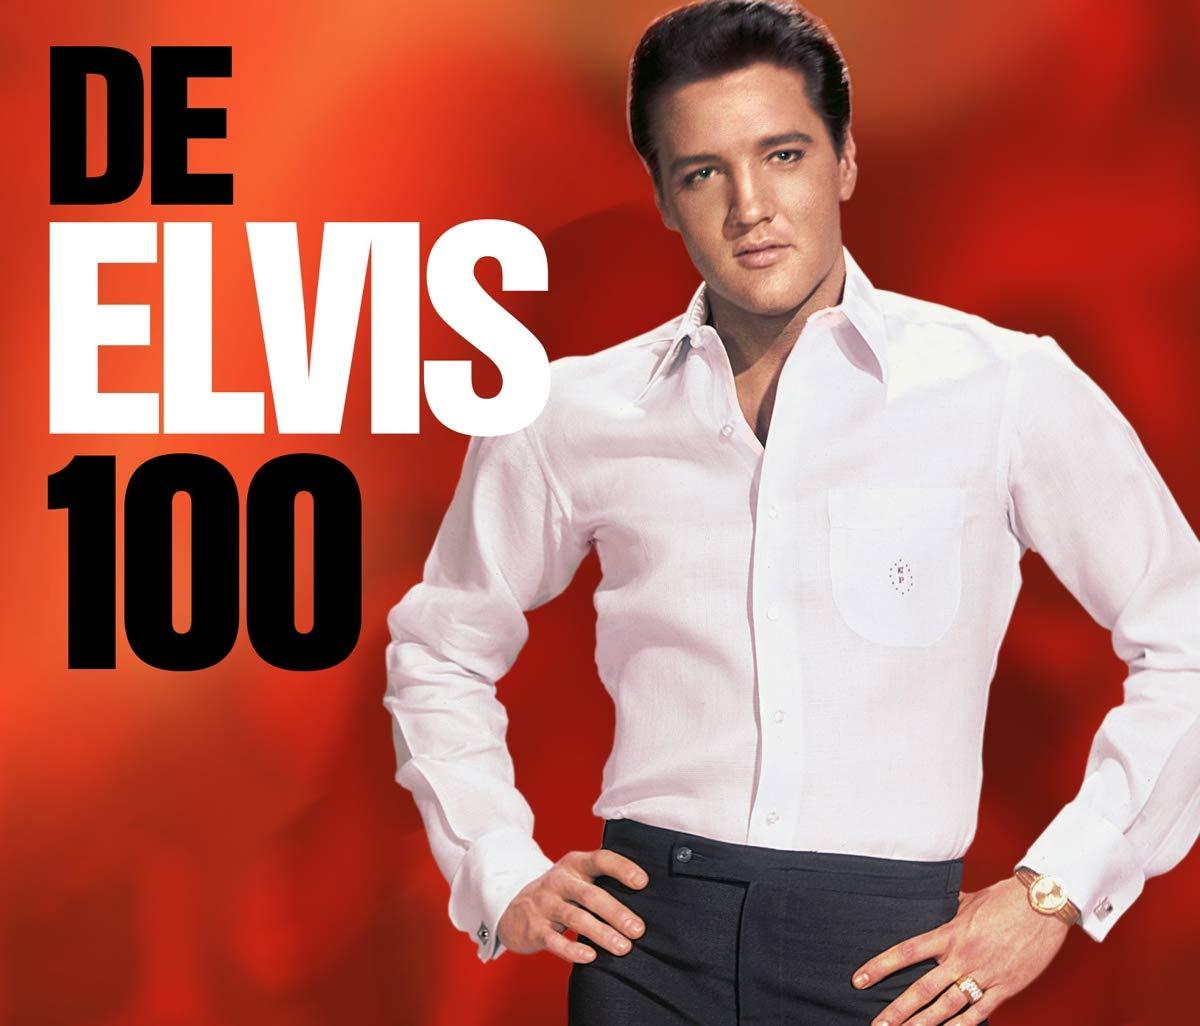 De Elvis 100: Presley, Elvis: Amazon.es: CDs y vinilos}